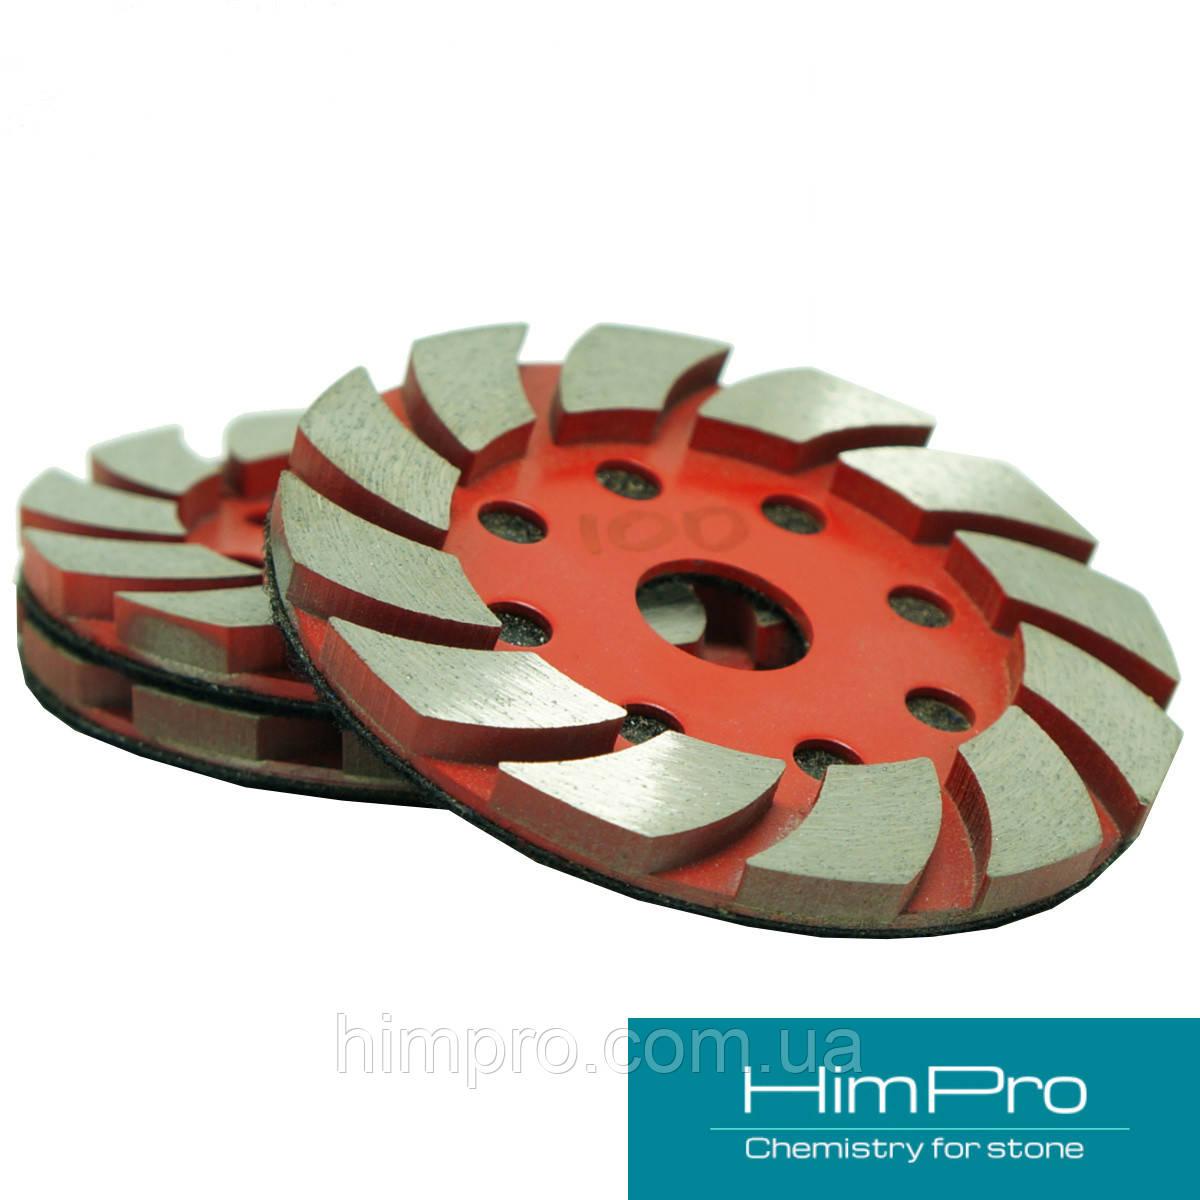 For Klindex p100 універсальний Алмазний шліфувальний інструмент 3шт